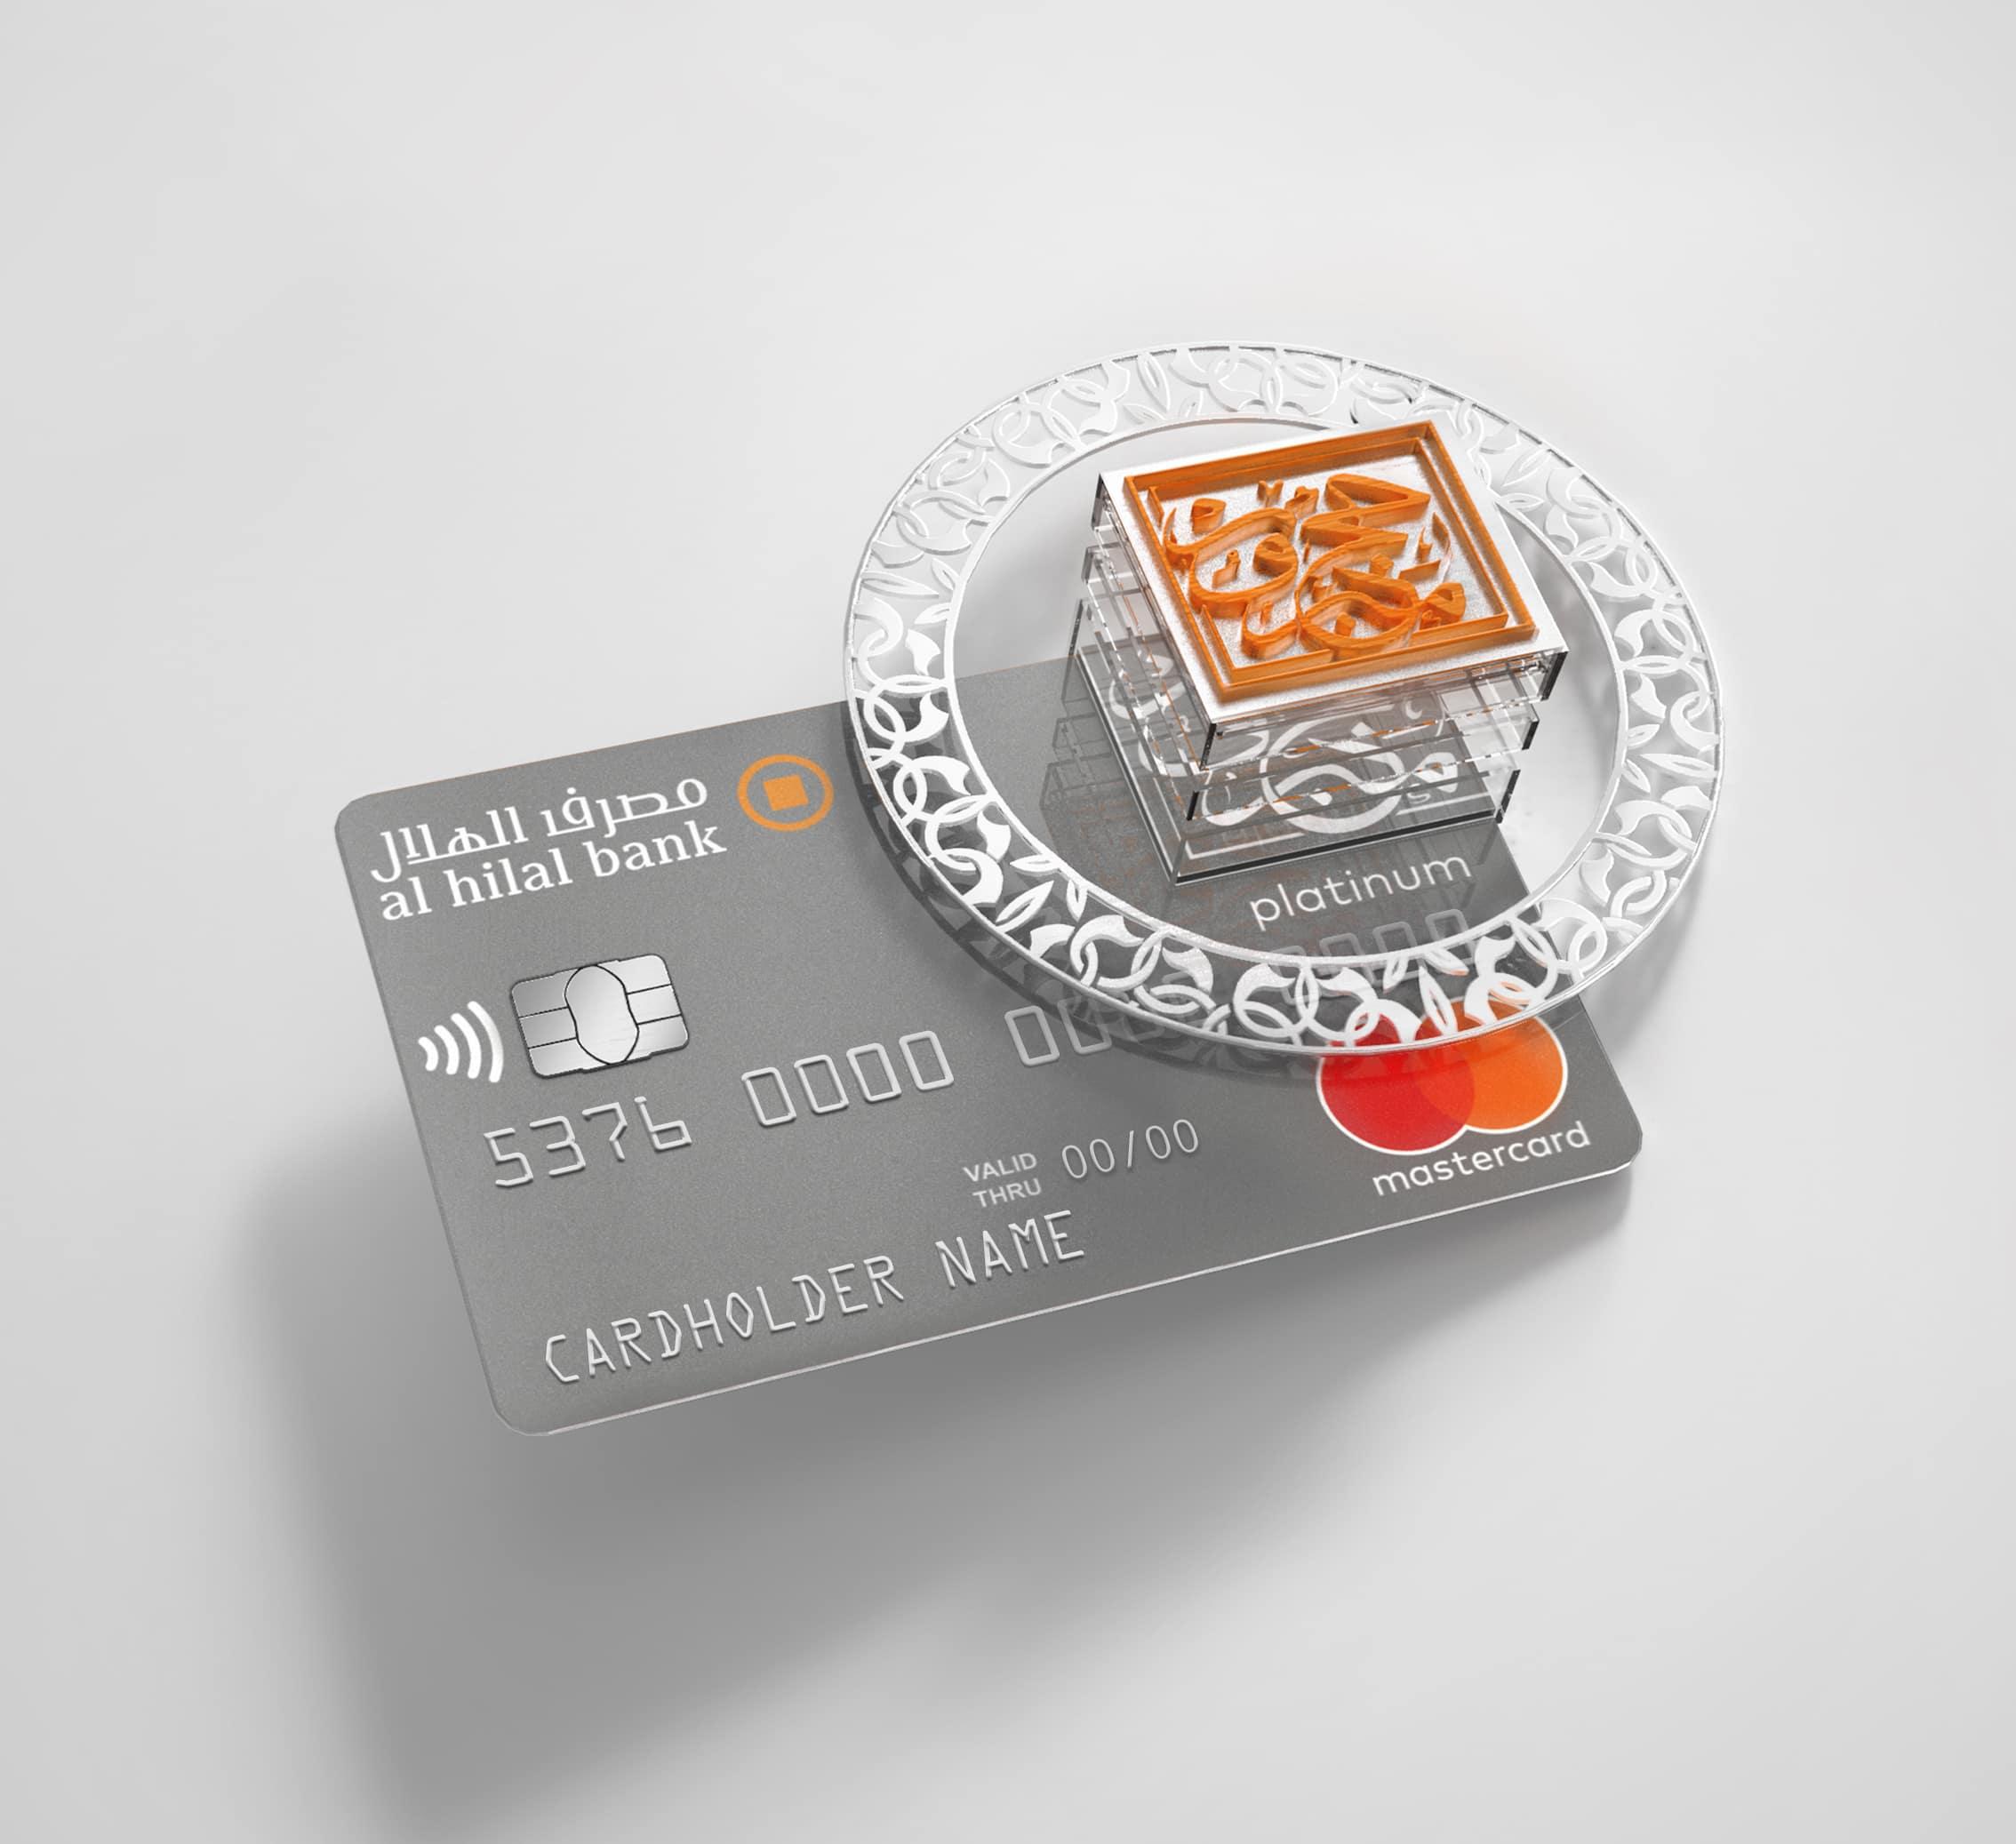 қажылық төлем картасы